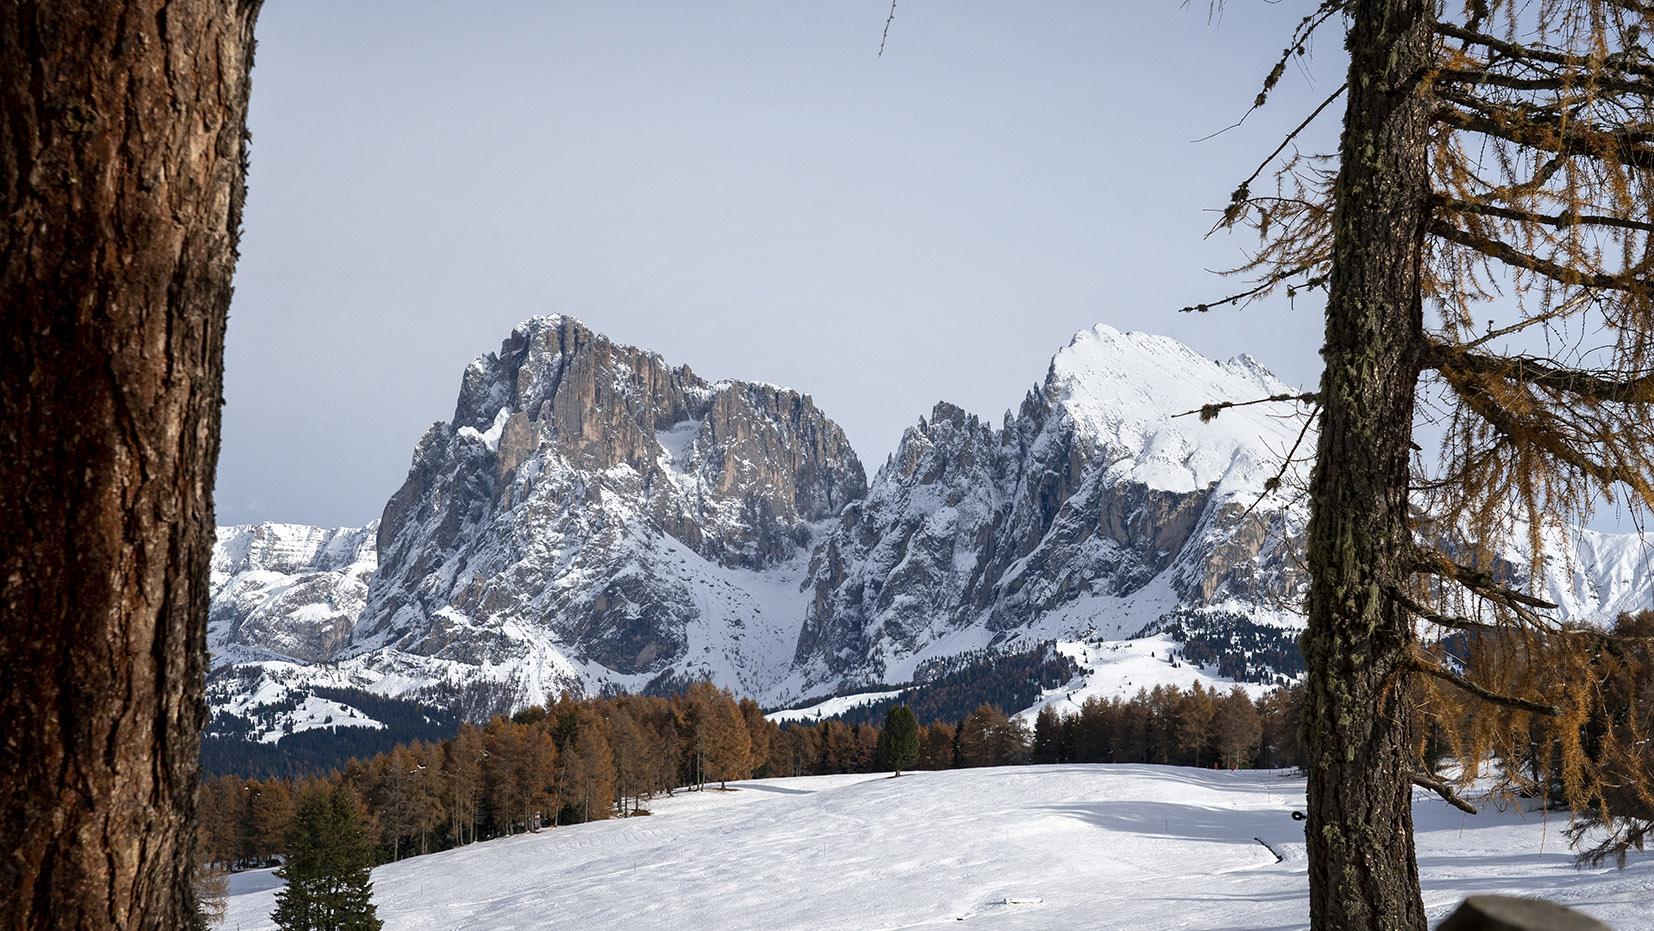 Une semaine dans les Dolomites Alpe di Suisi automne neige montagnes troncs